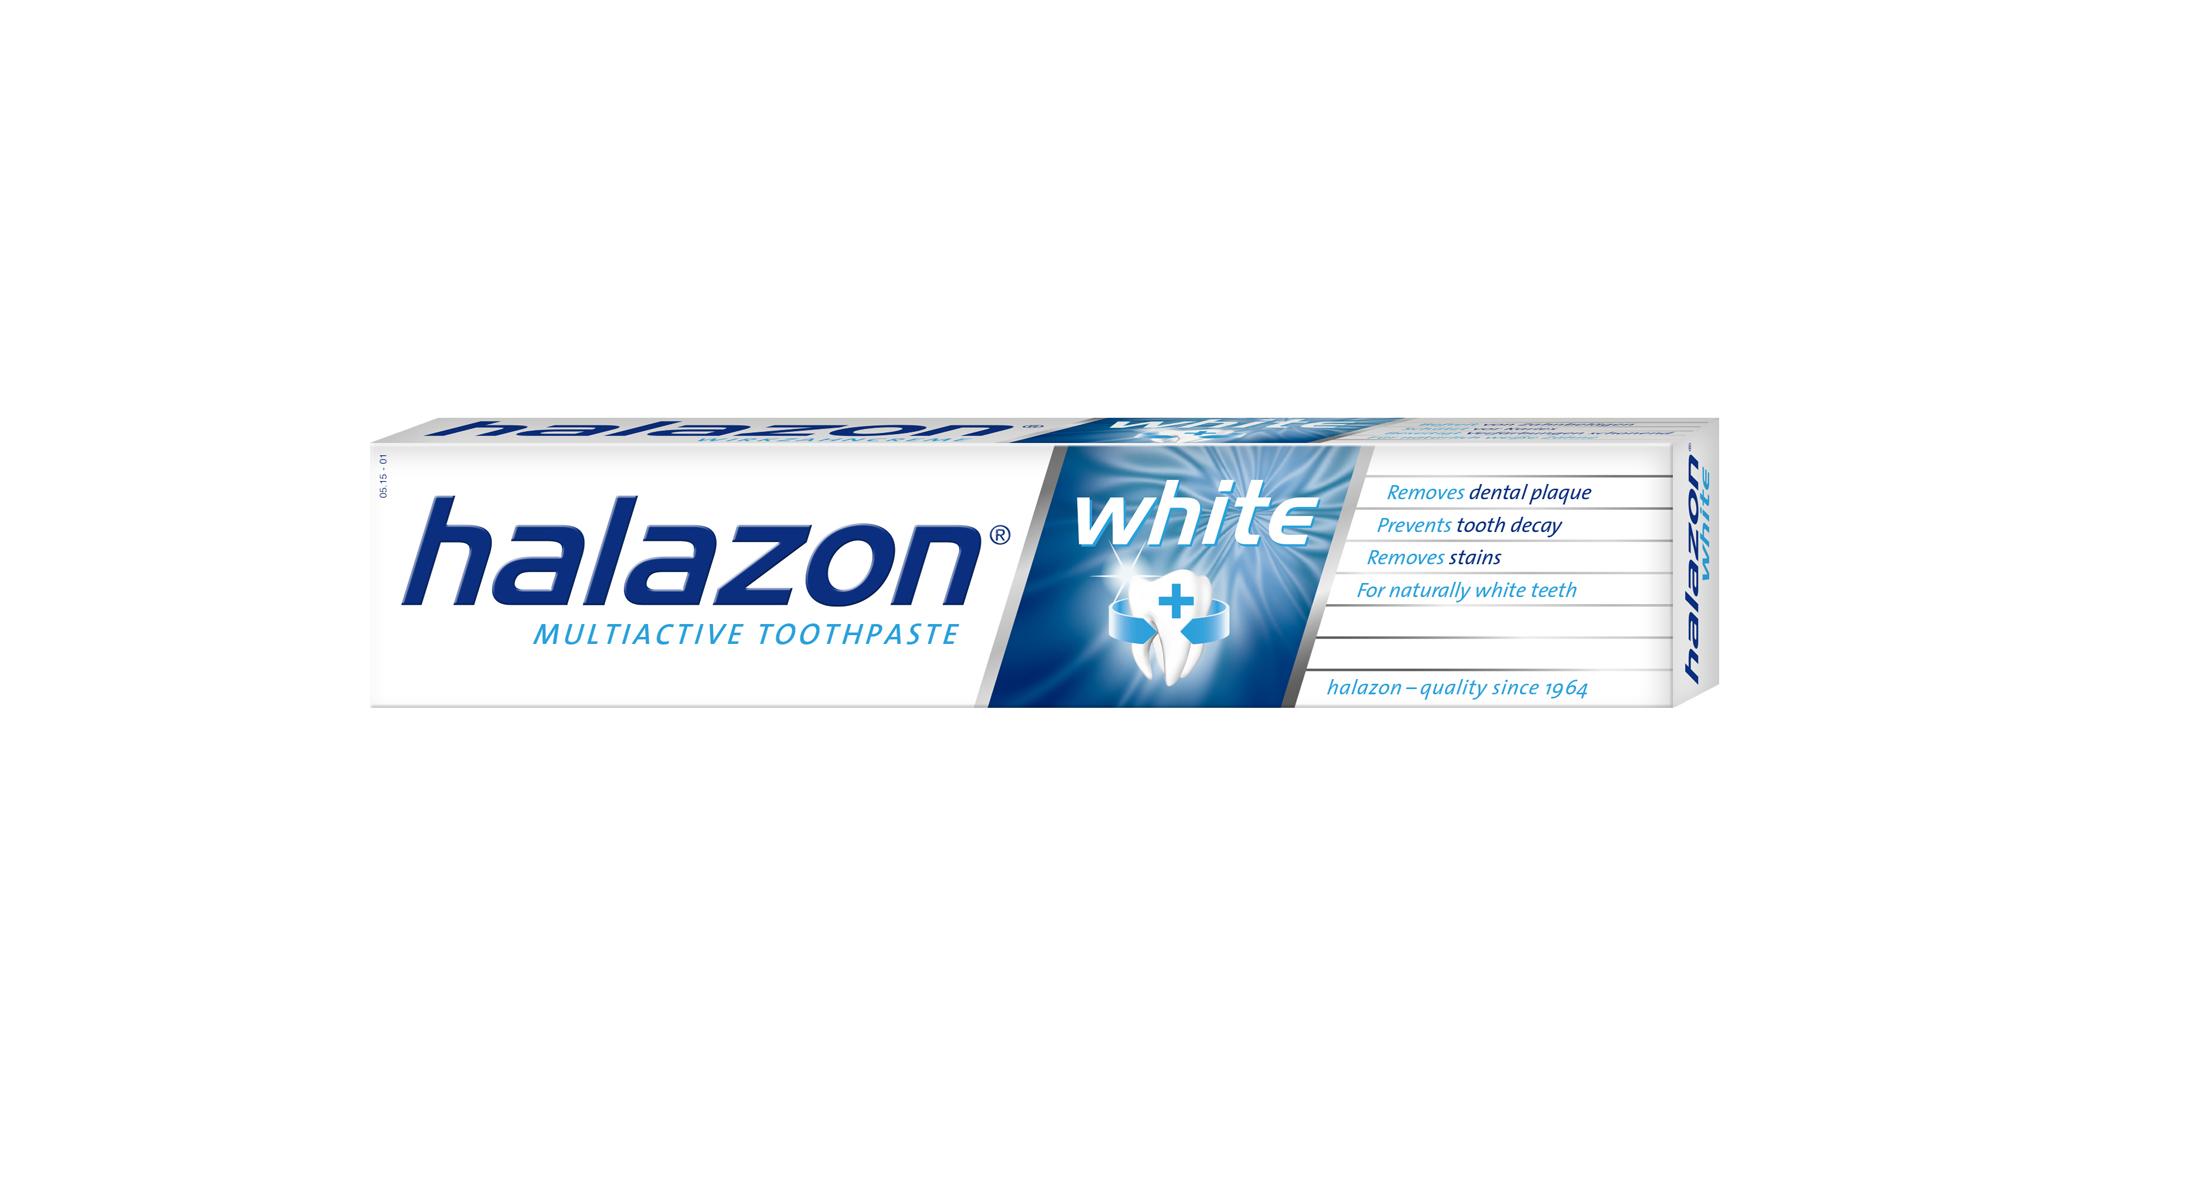 One Drop Only Отбеливающая зубная паста Halazon White для тщательного и щадящего удаления зубного налета, 75ml5010777139655Отбеливающая зубная паста Halazon White для тщательного и щадящего удаления зубного налета